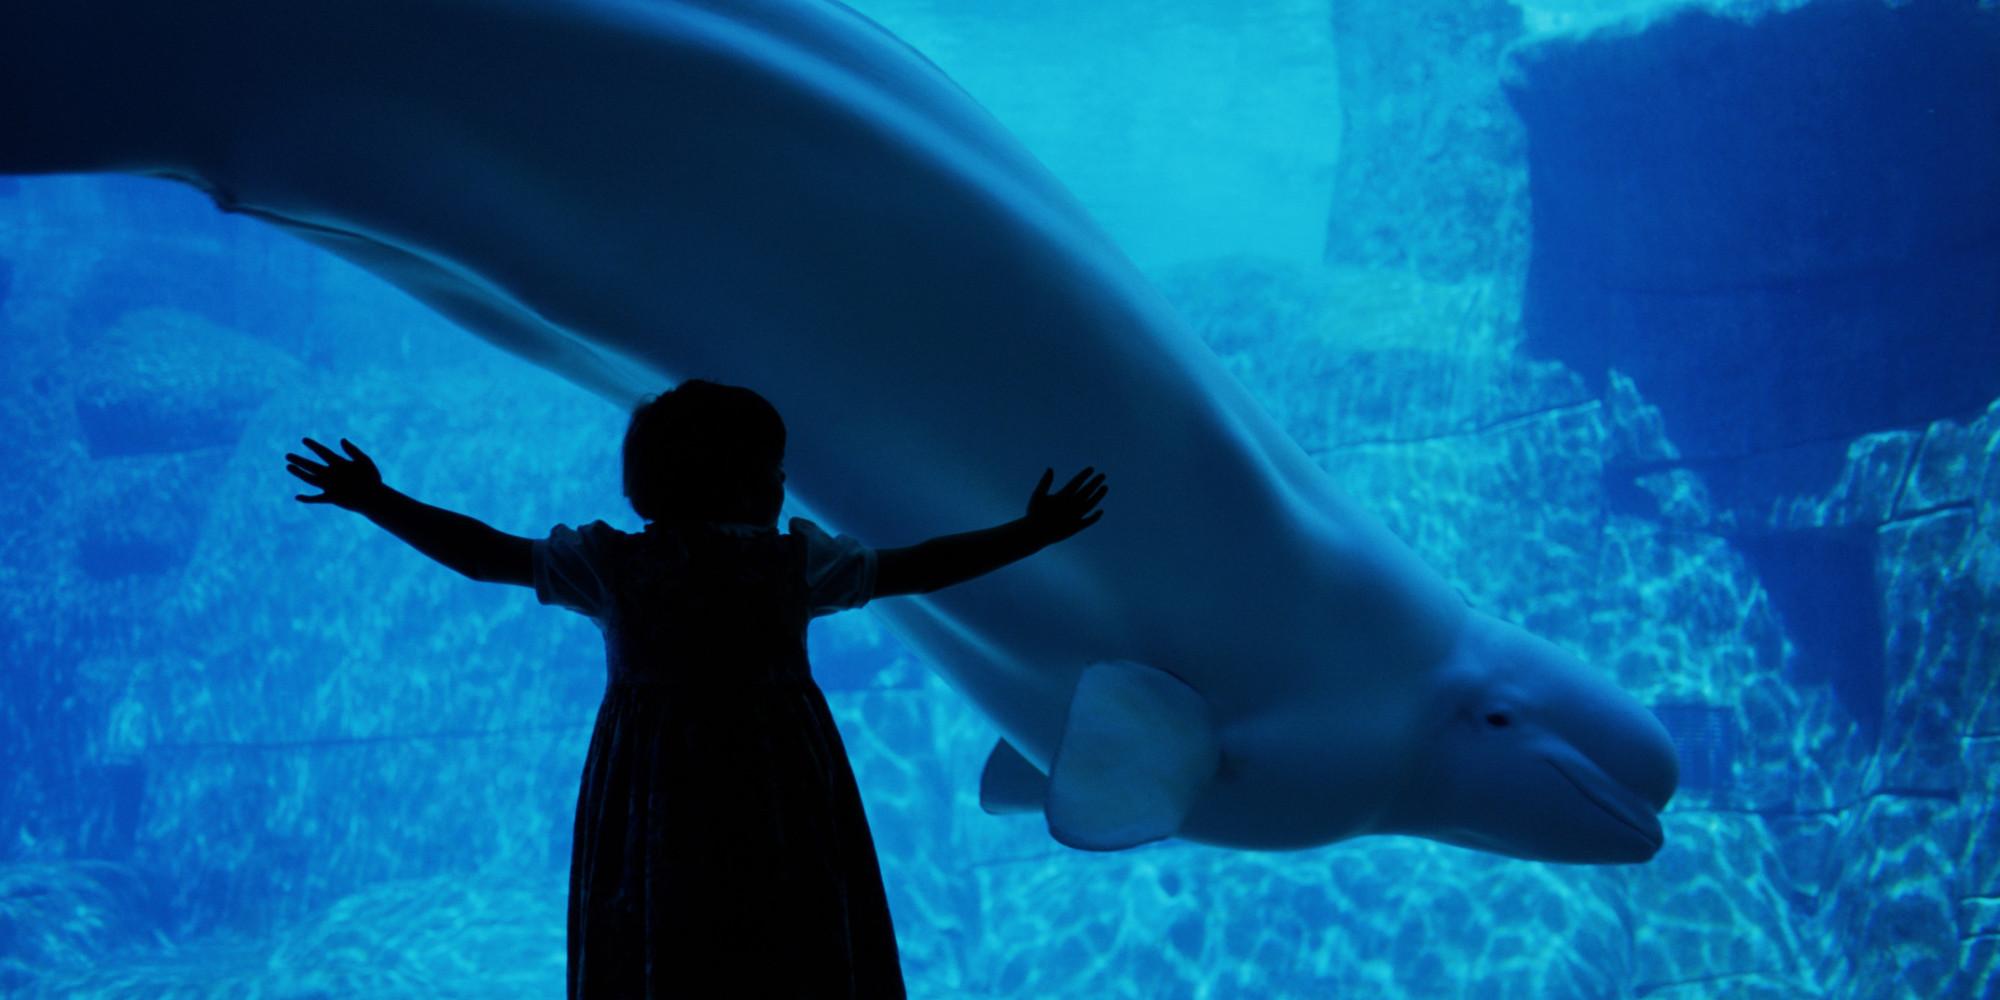 Fish aquarium vancouver -  Vancouver Aquarium Launches Lawsuit Over Critical Doentary